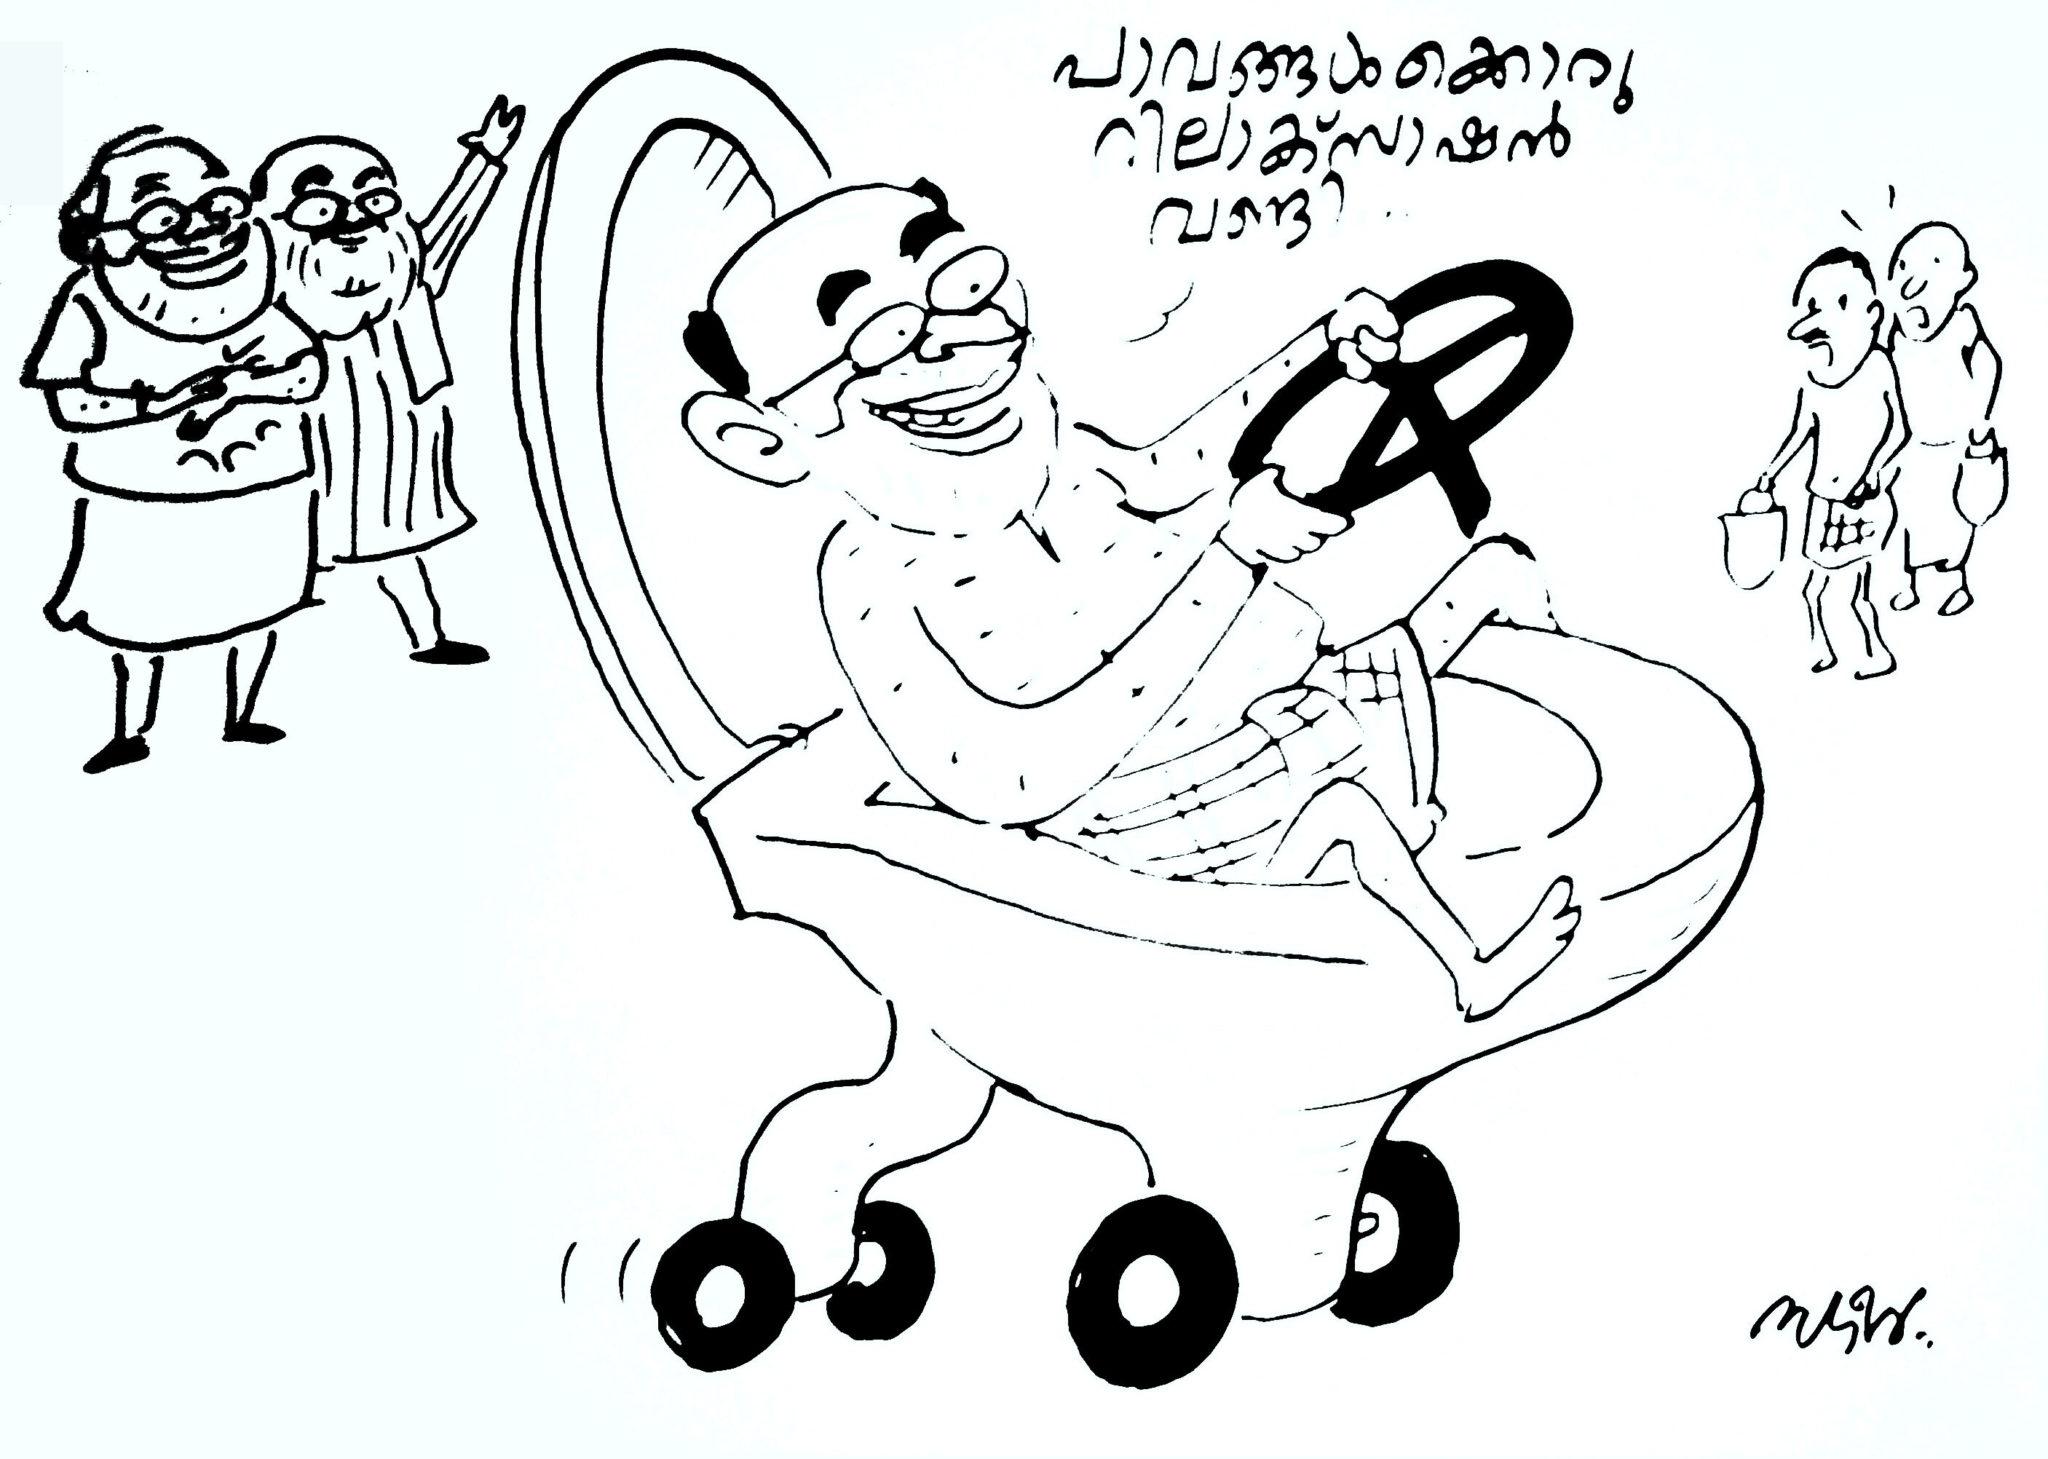 മിസ് കോള് മന്ത്രിയും വാഹനമുള്ളവരുടെ  റിലാക്സേഷനും